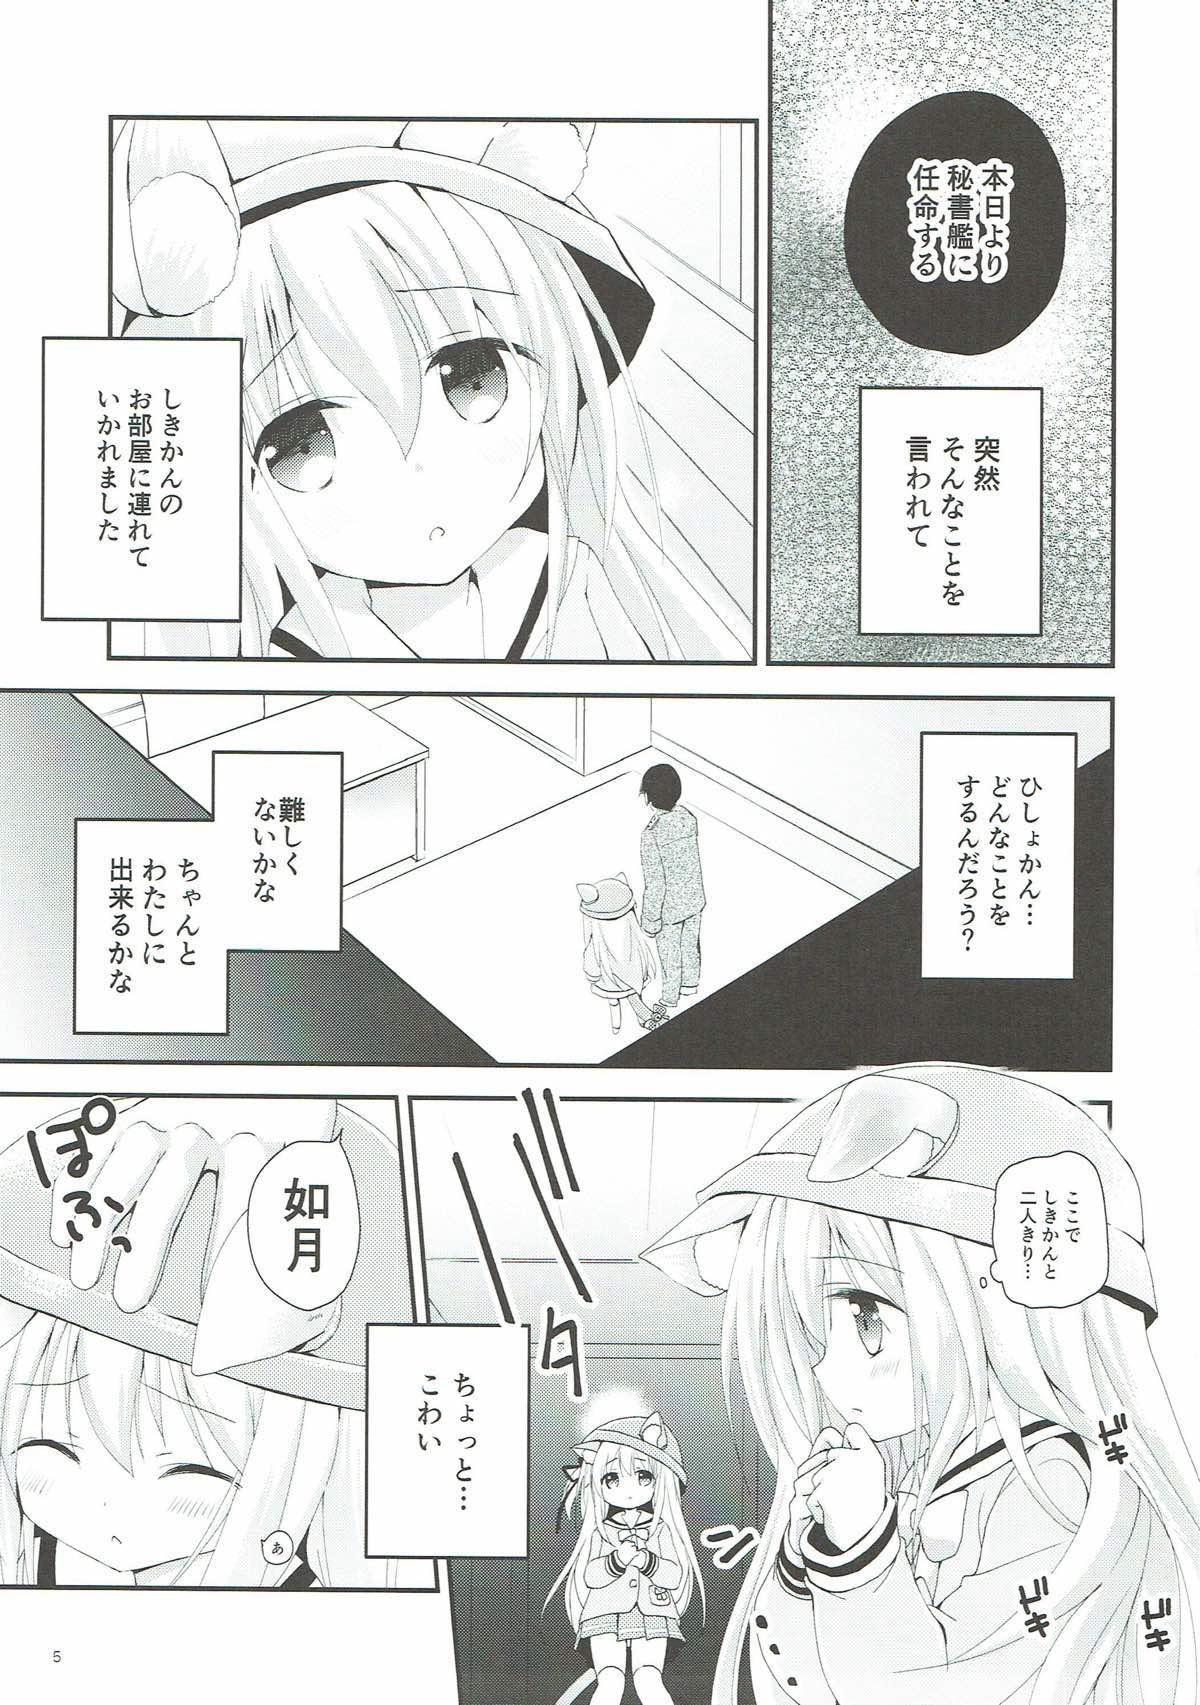 Hisho no Oshigoto 3